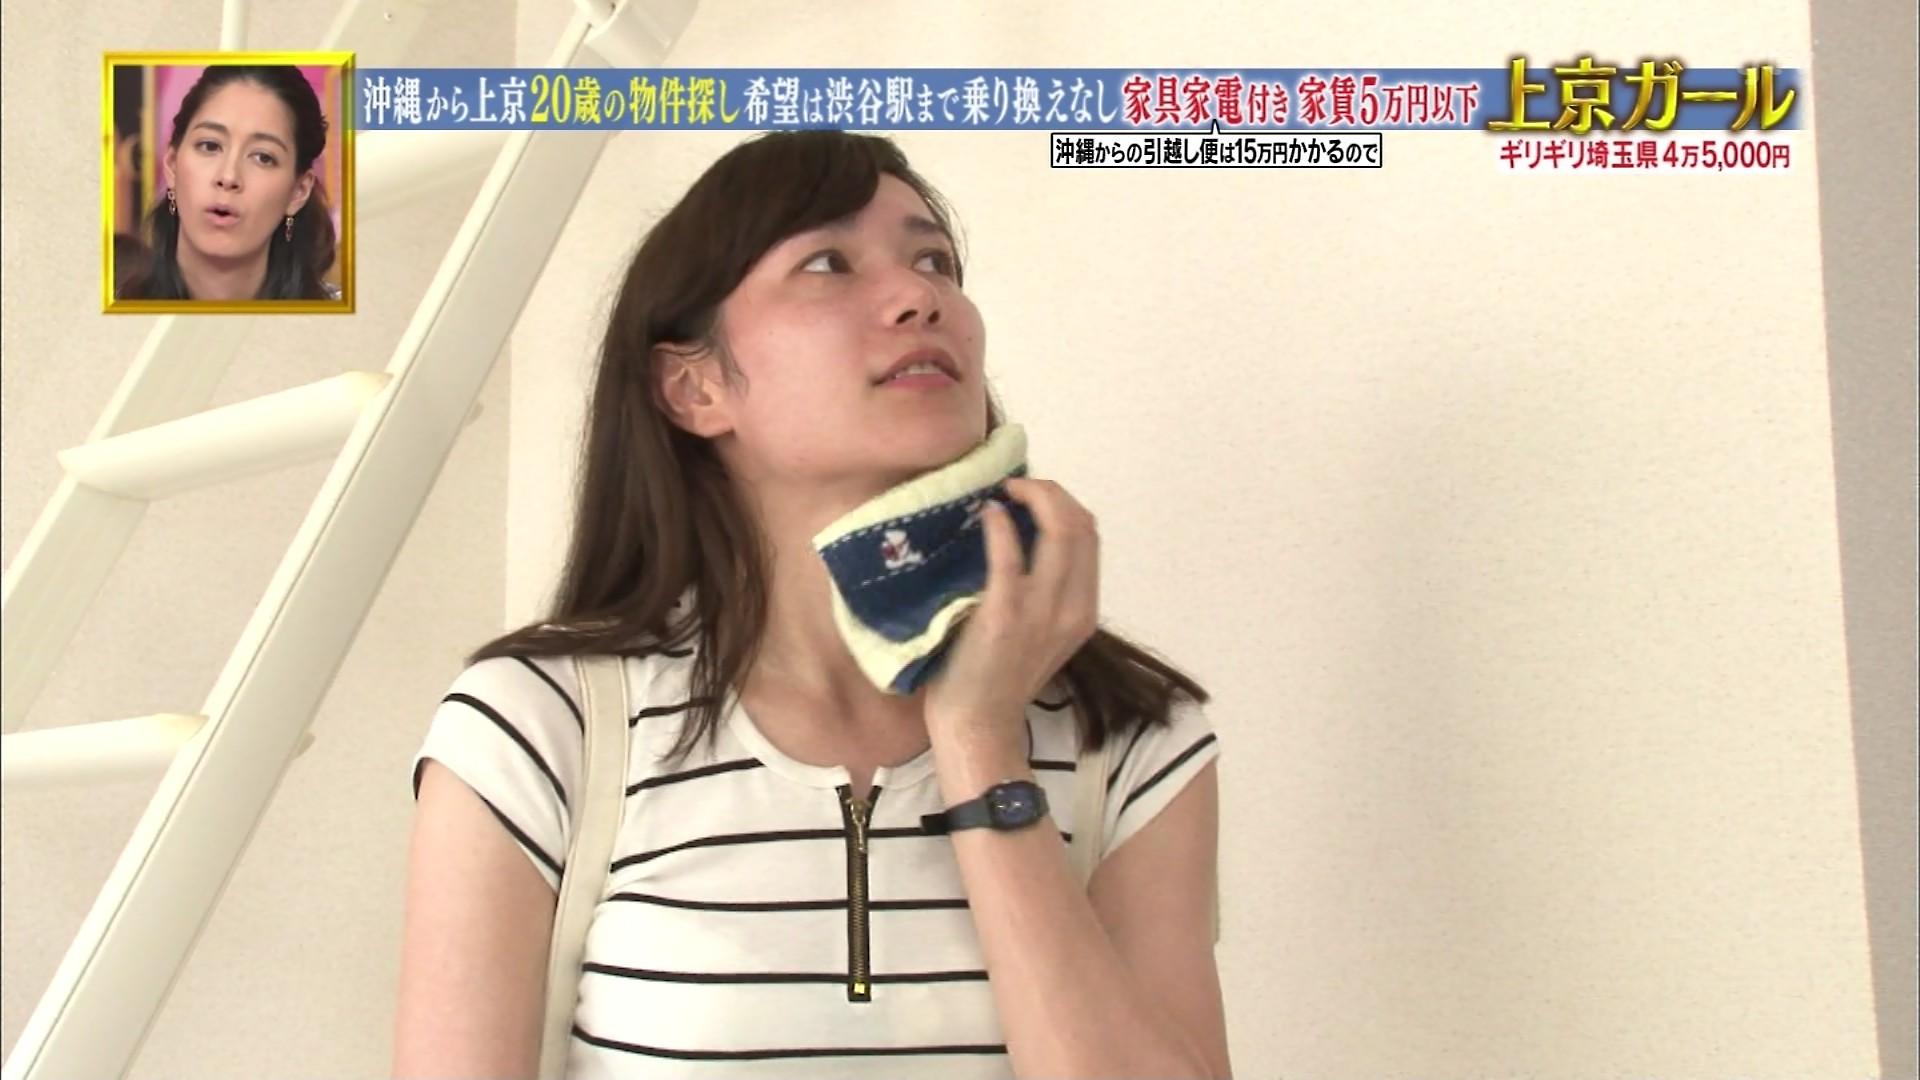 沖縄美女_パンチラ_放送事故_テレビキャプ画像_13